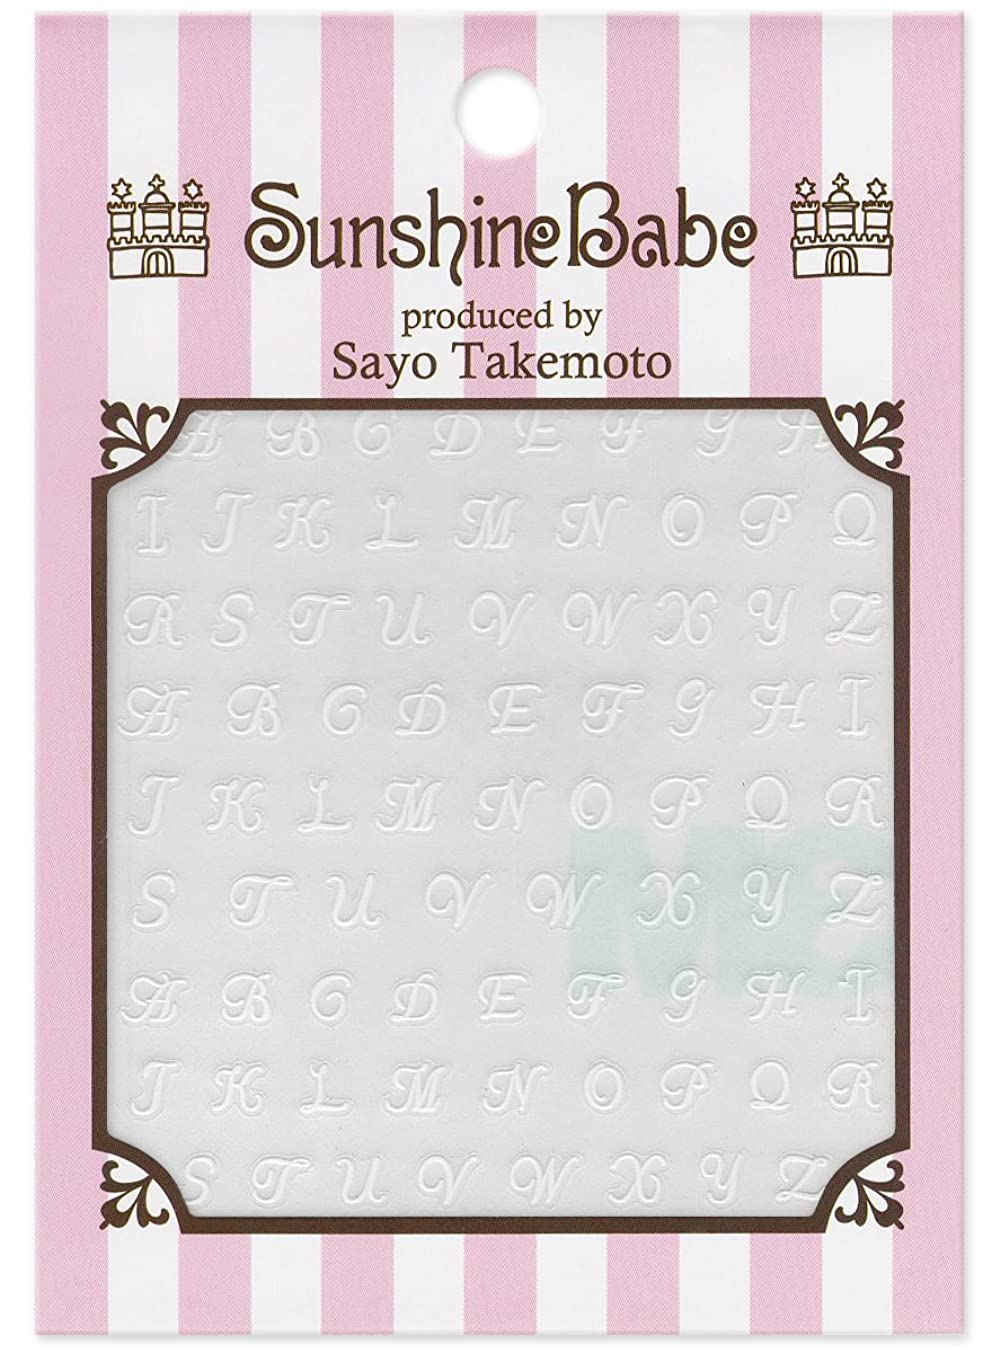 まだらタイル襟サンシャインベビー ジェルネイル 武本小夜のネイルシール Sayo Style アルファベット1 ホワイト